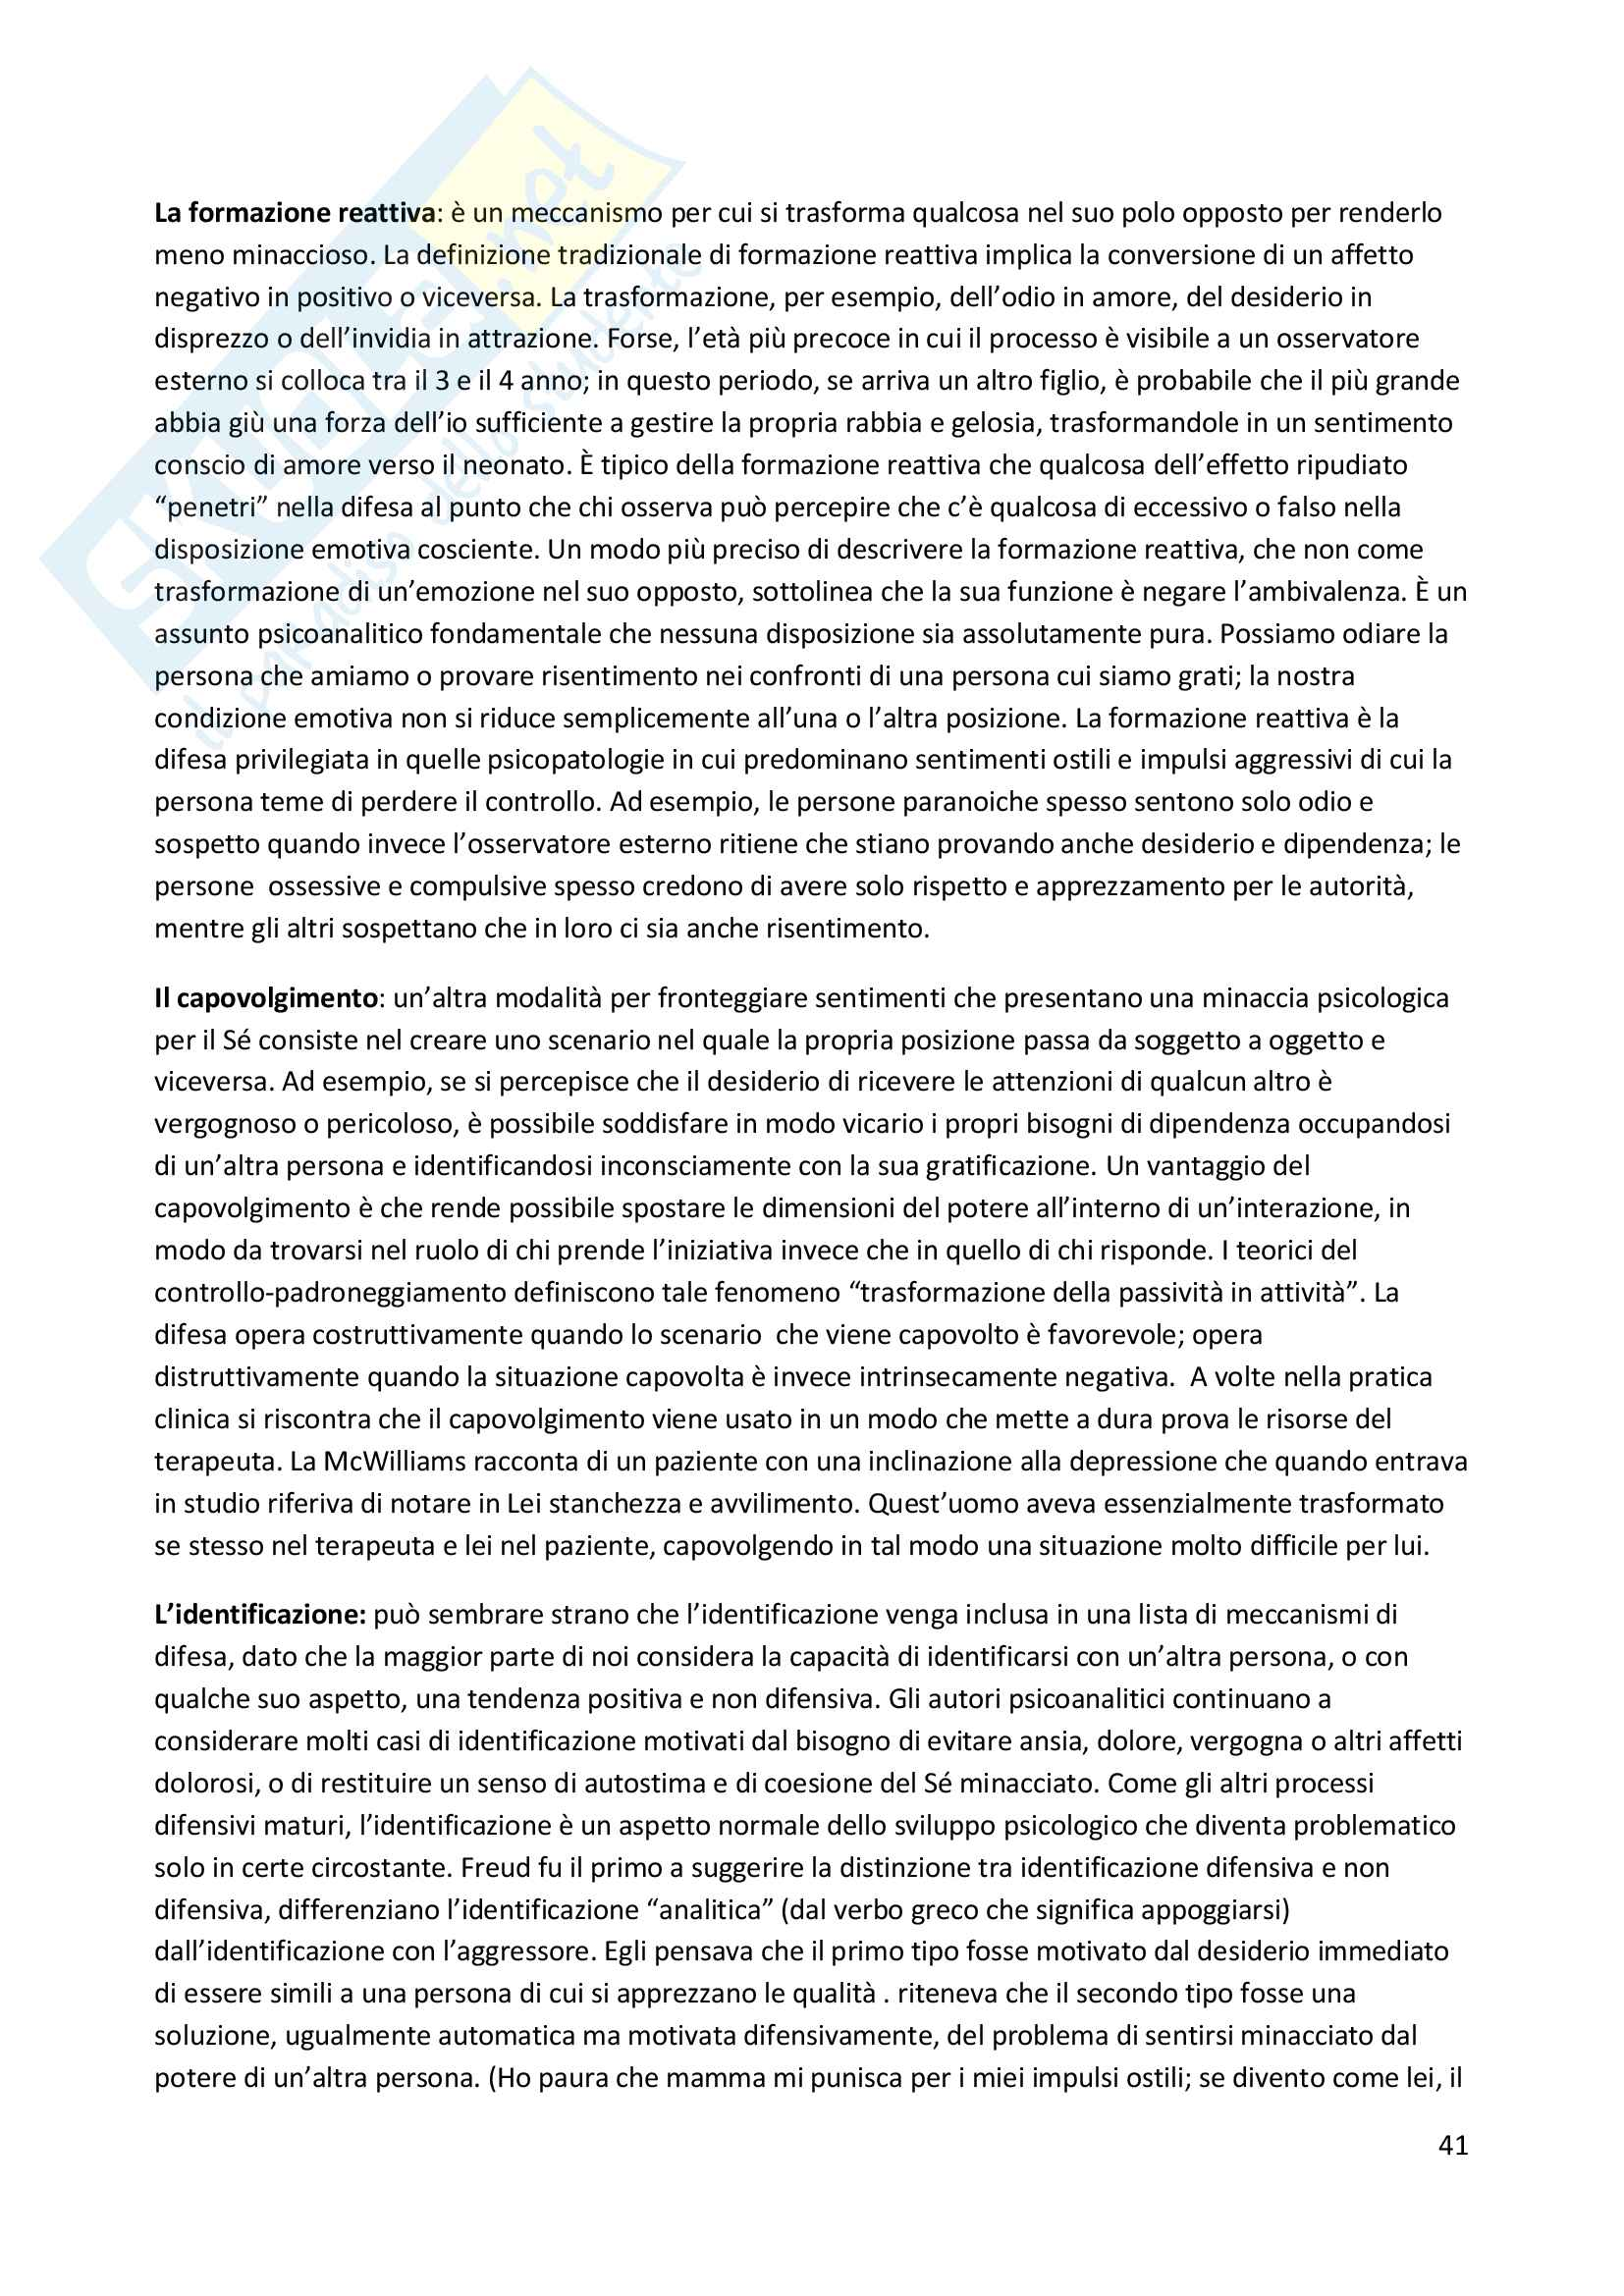 Riassunto esame Psicodiagnostica e psicopatologia, prof. La Grutta, libro consigliato La diagnosi psicoanalitica, N. Mc Williams Pag. 41